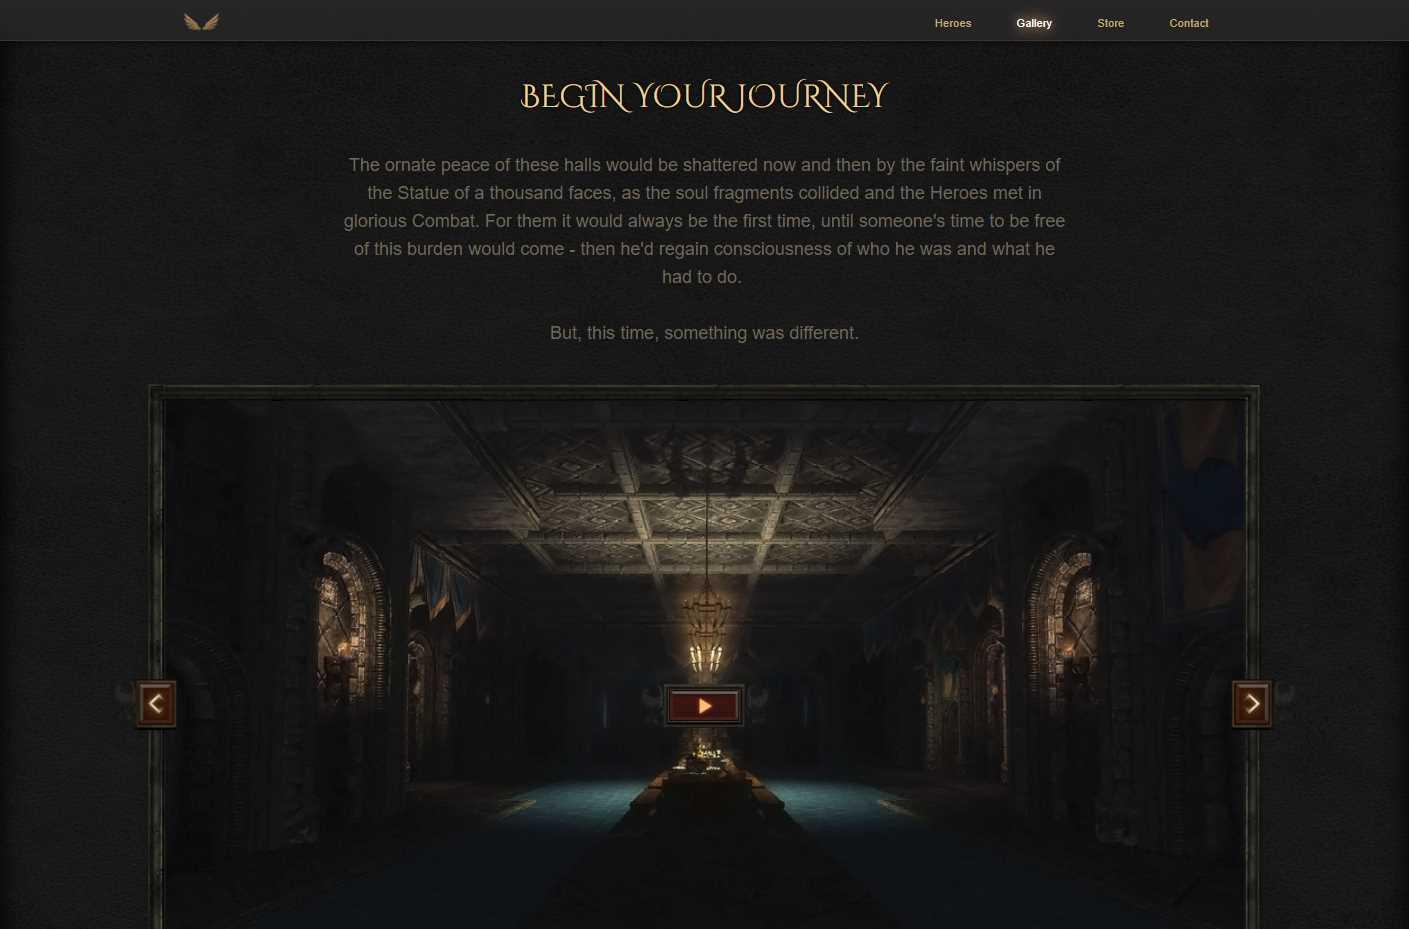 Dragonic Premium Gaming Template